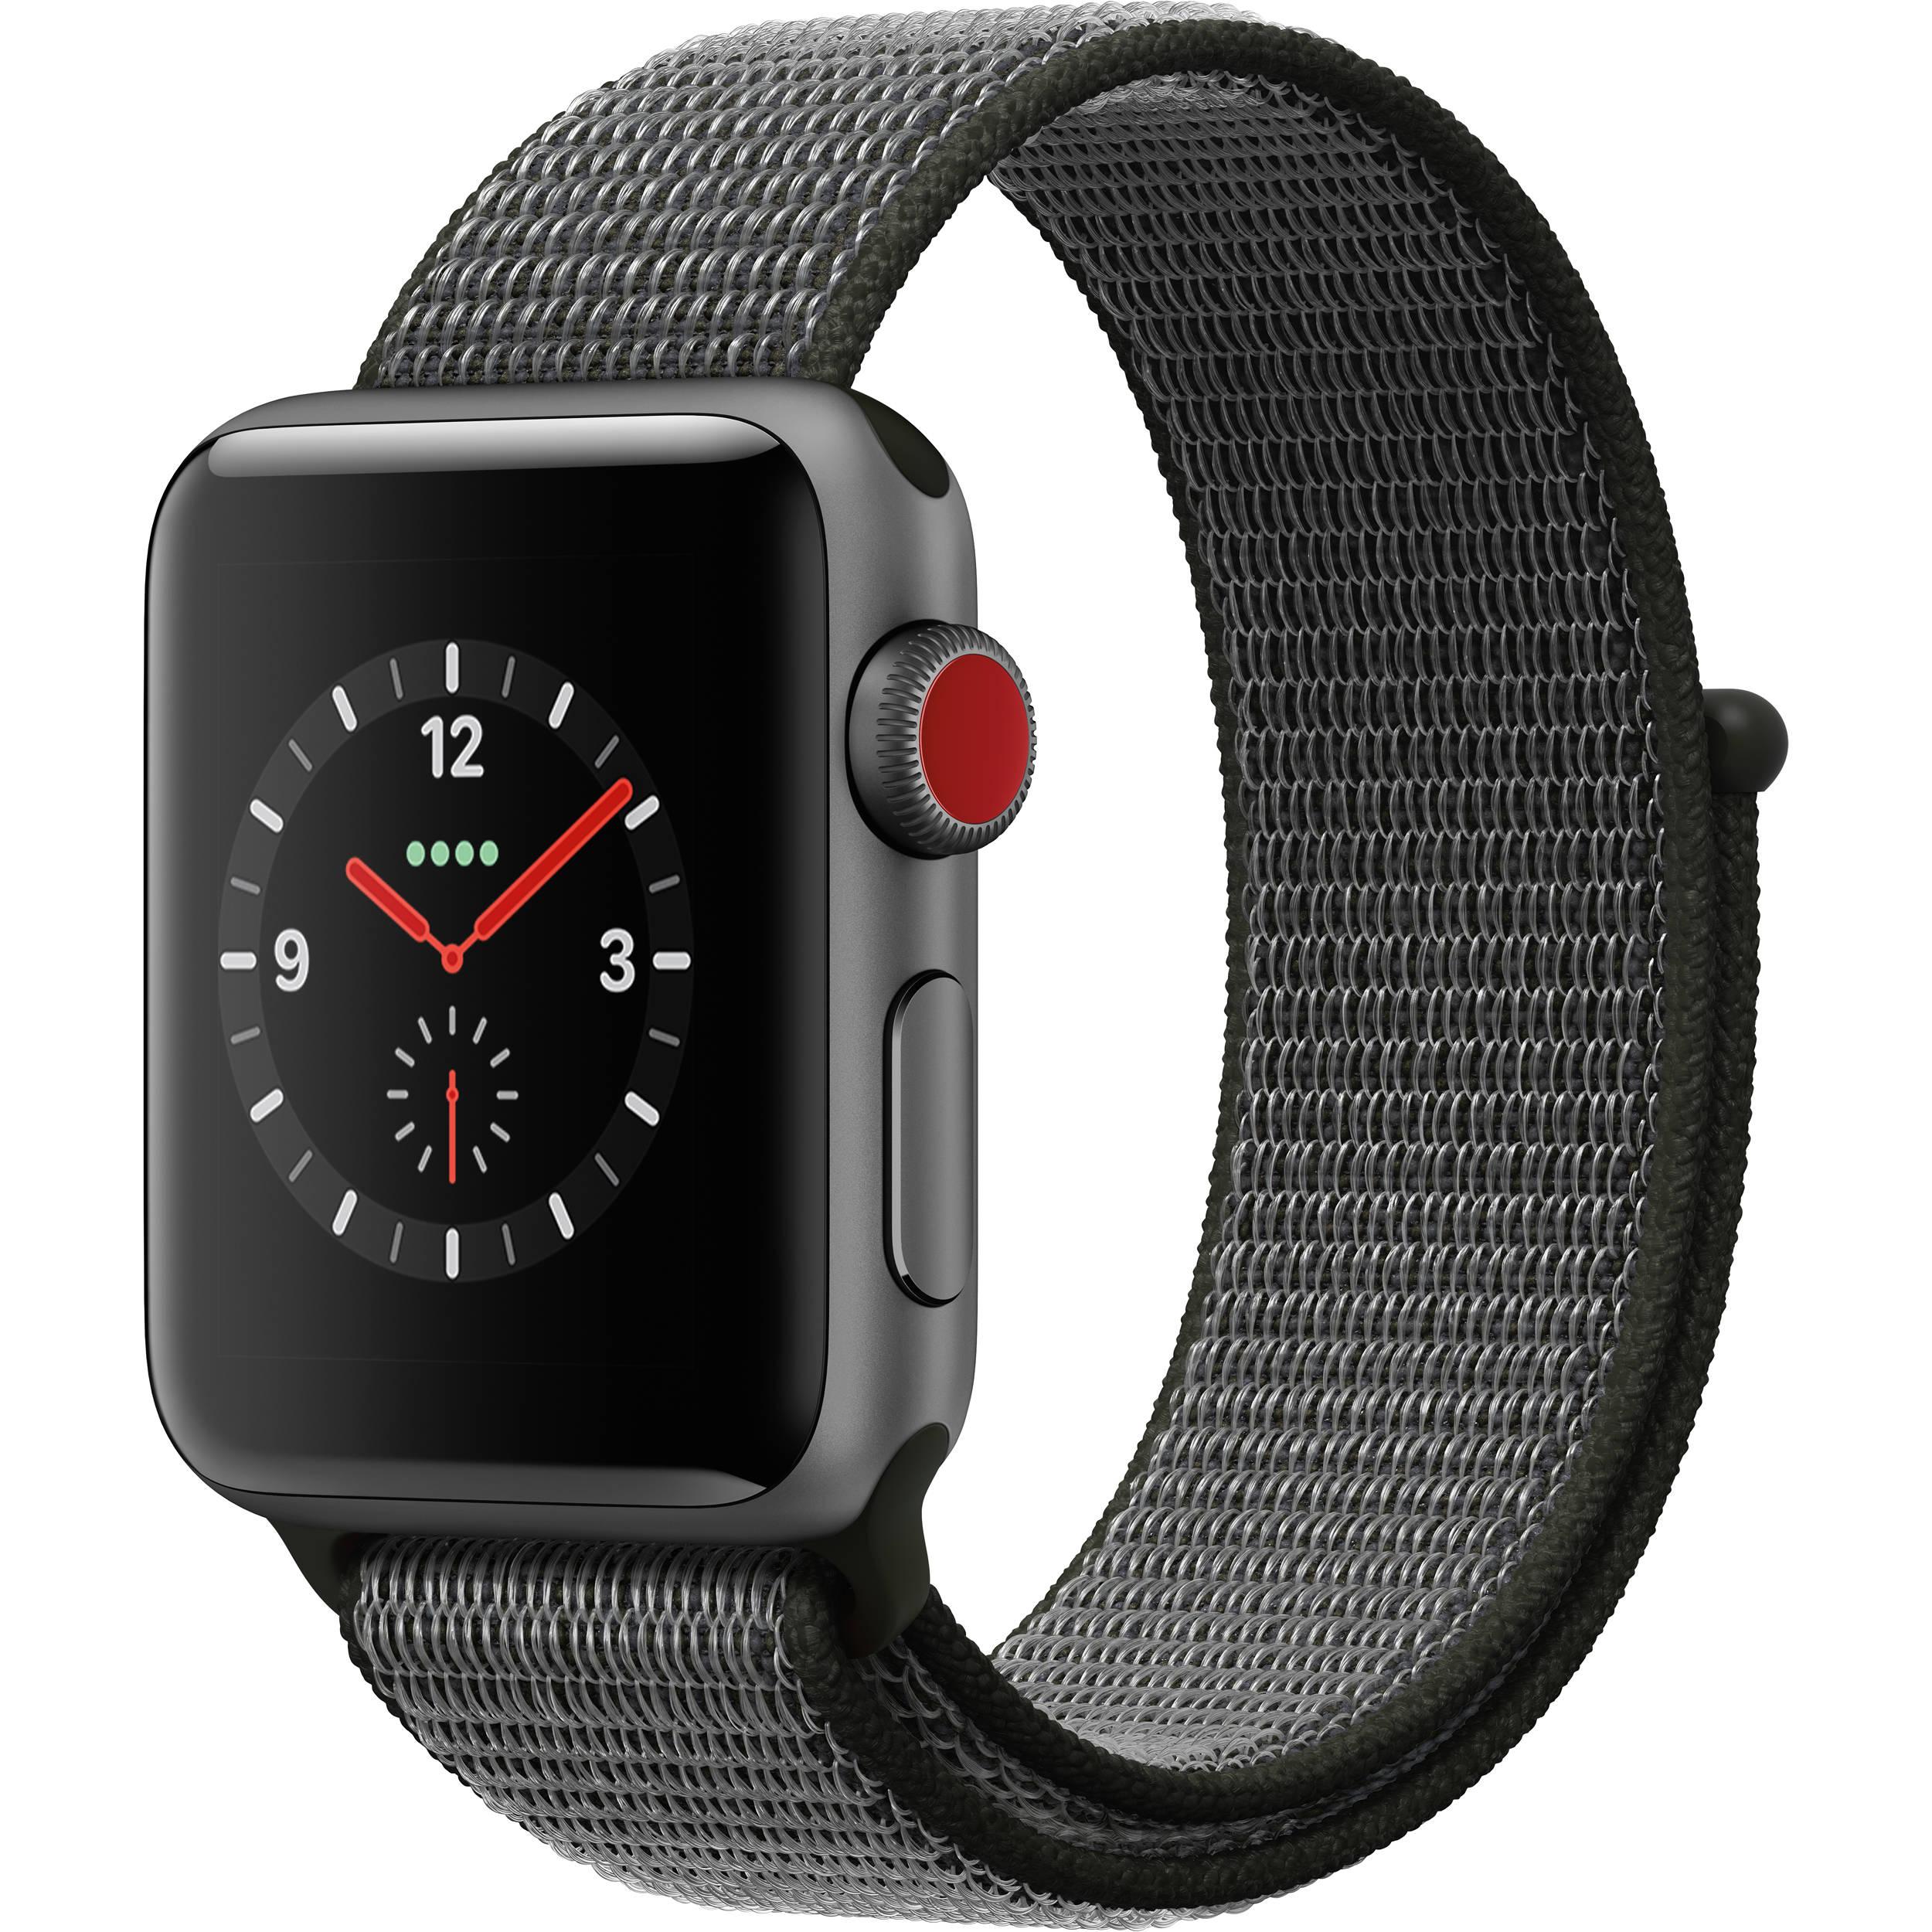 d508d75cf22 Apple Watch Series 3 38mm Smartwatch MQJT2LL A B H Photo Video